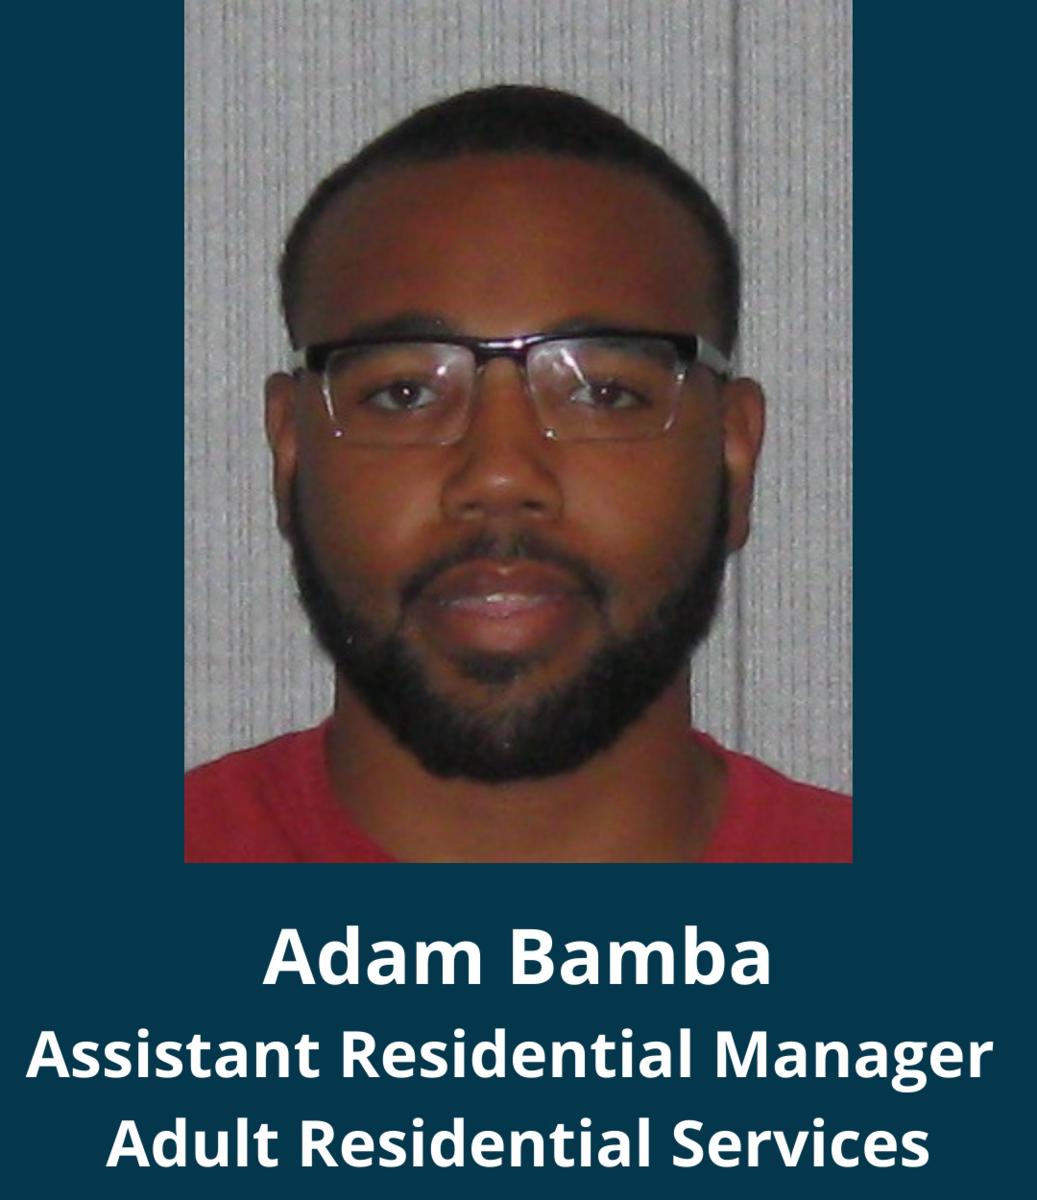 Adam Bamba